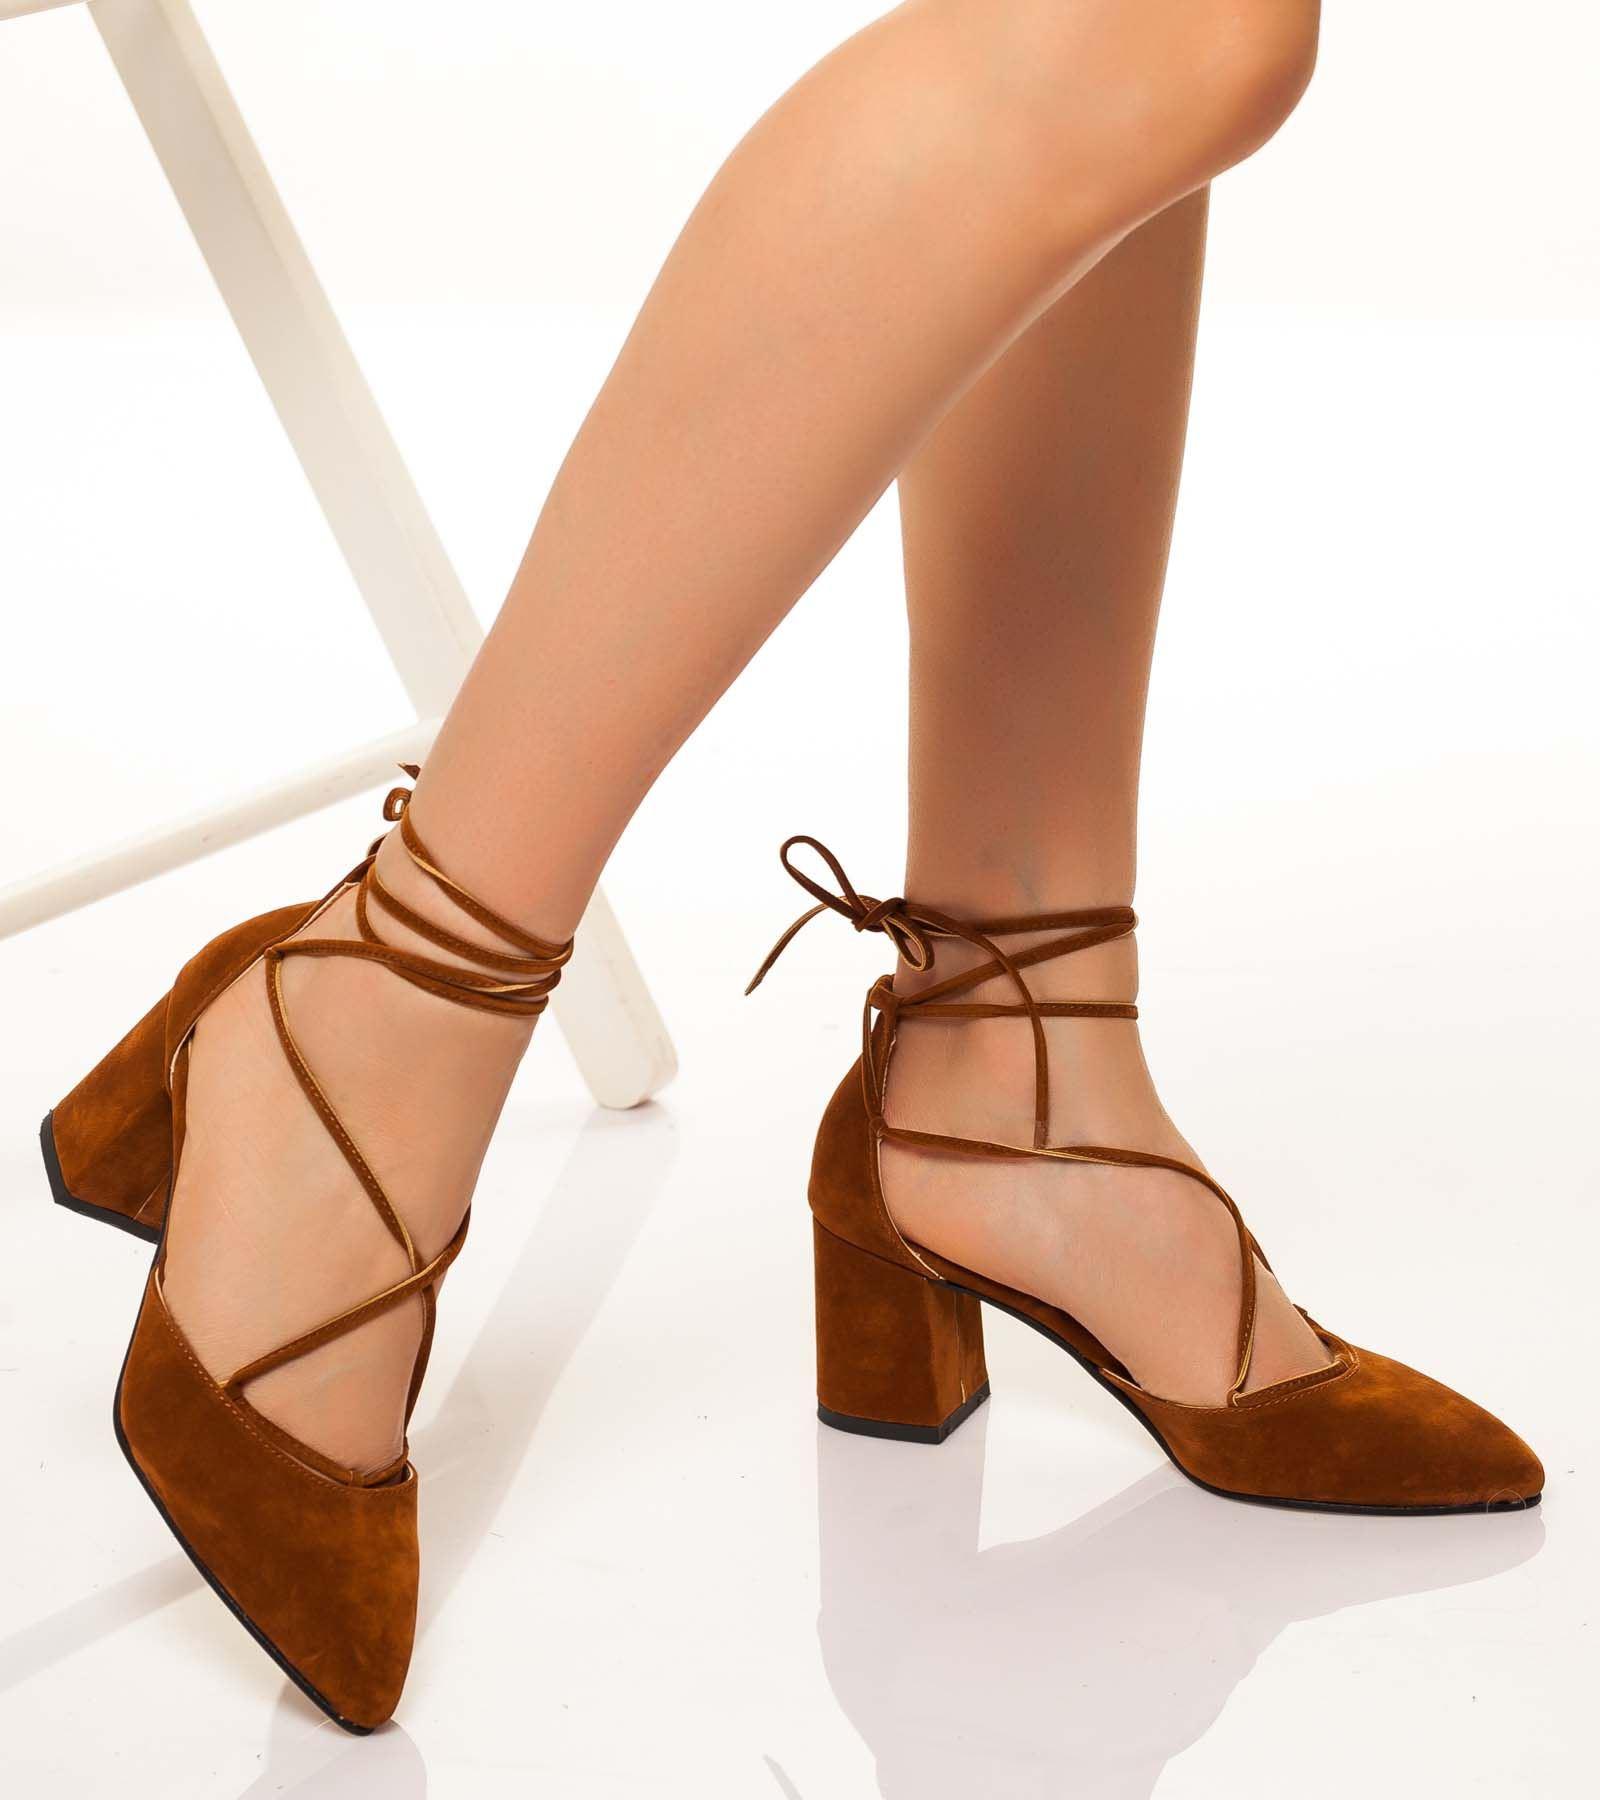 Lucy Topuklu Bağcıklı Süet Ayakkabı Kahve